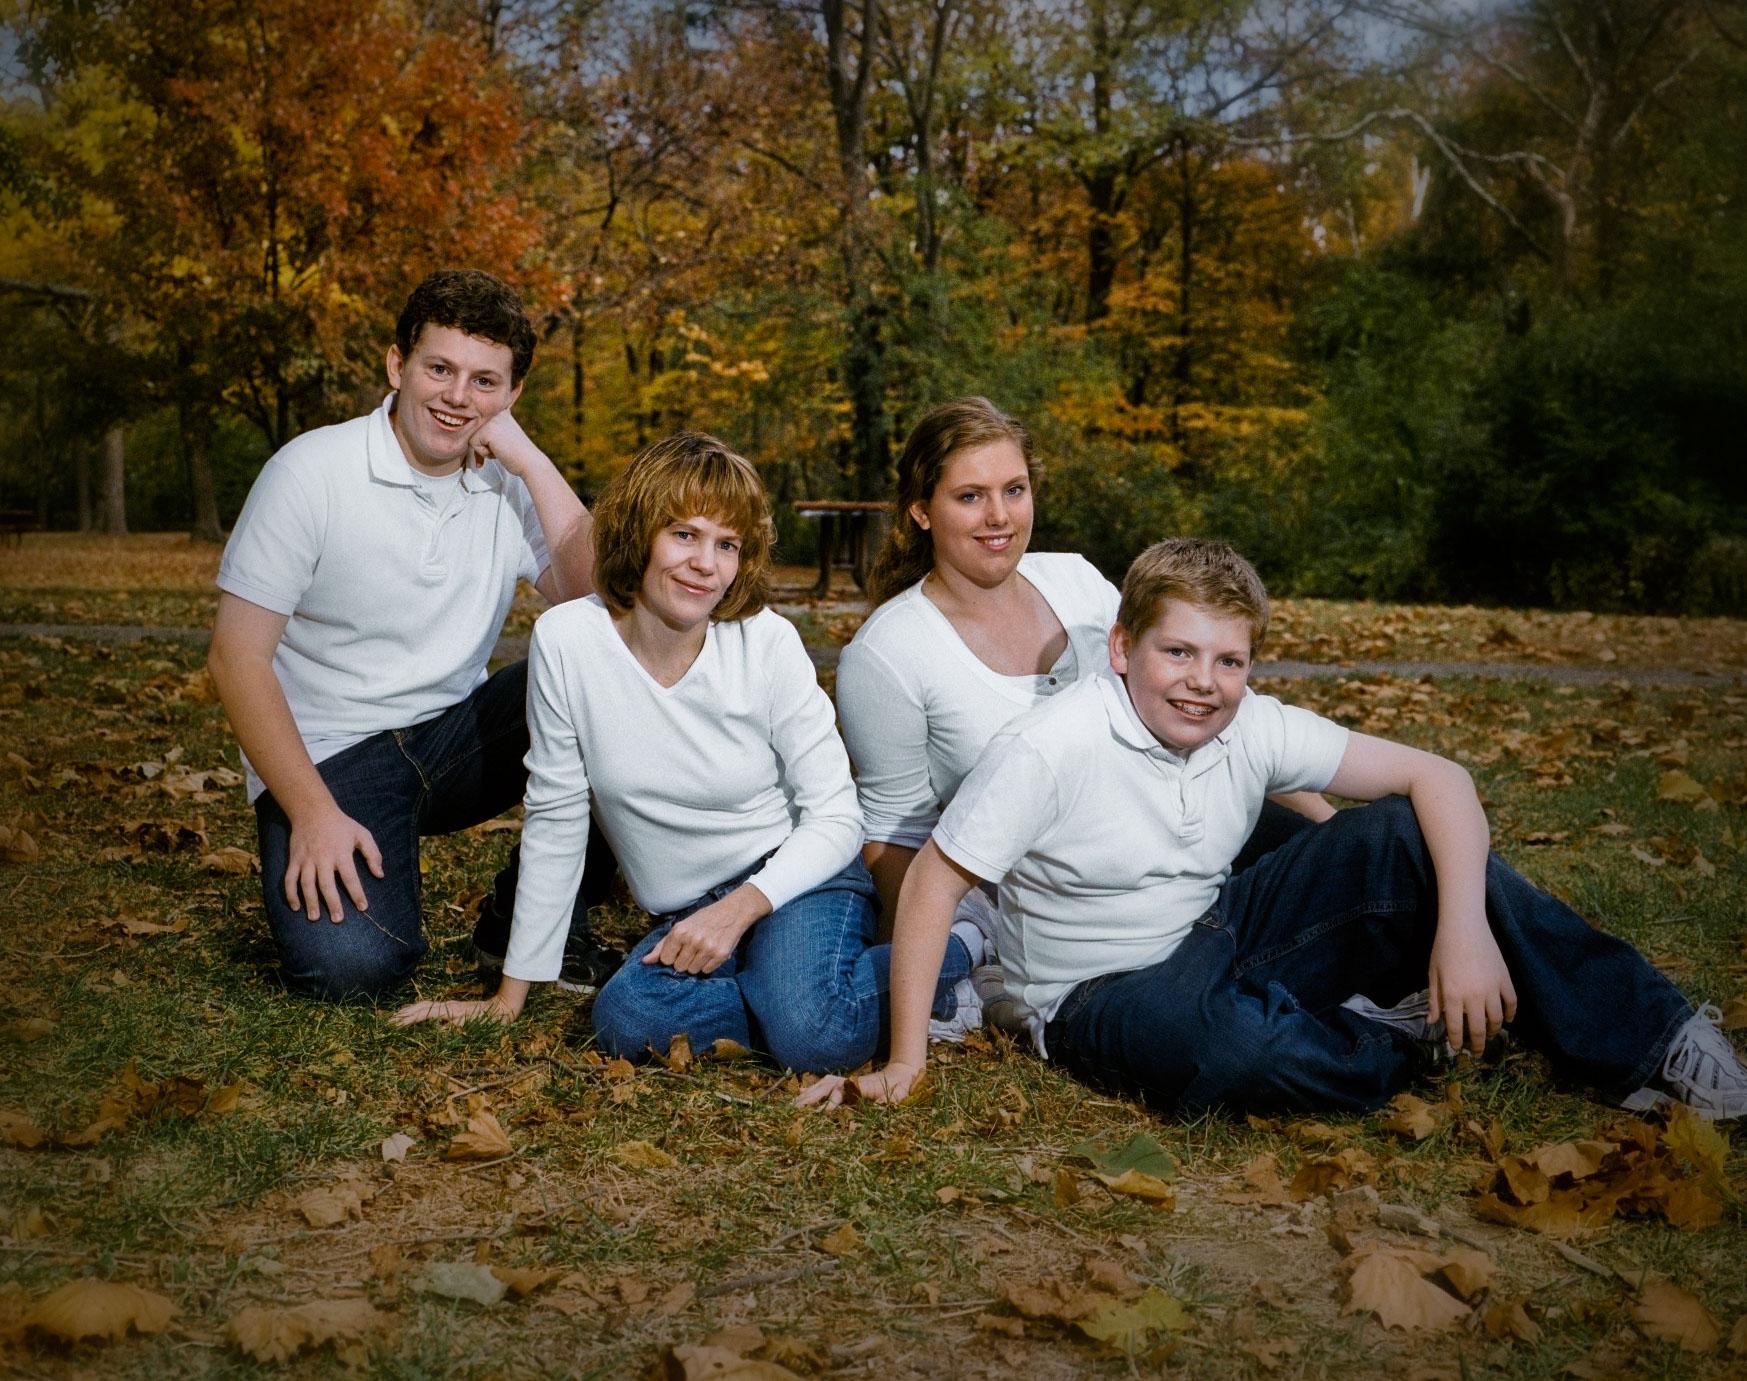 Cincinnati Ohio Family Group Portrait